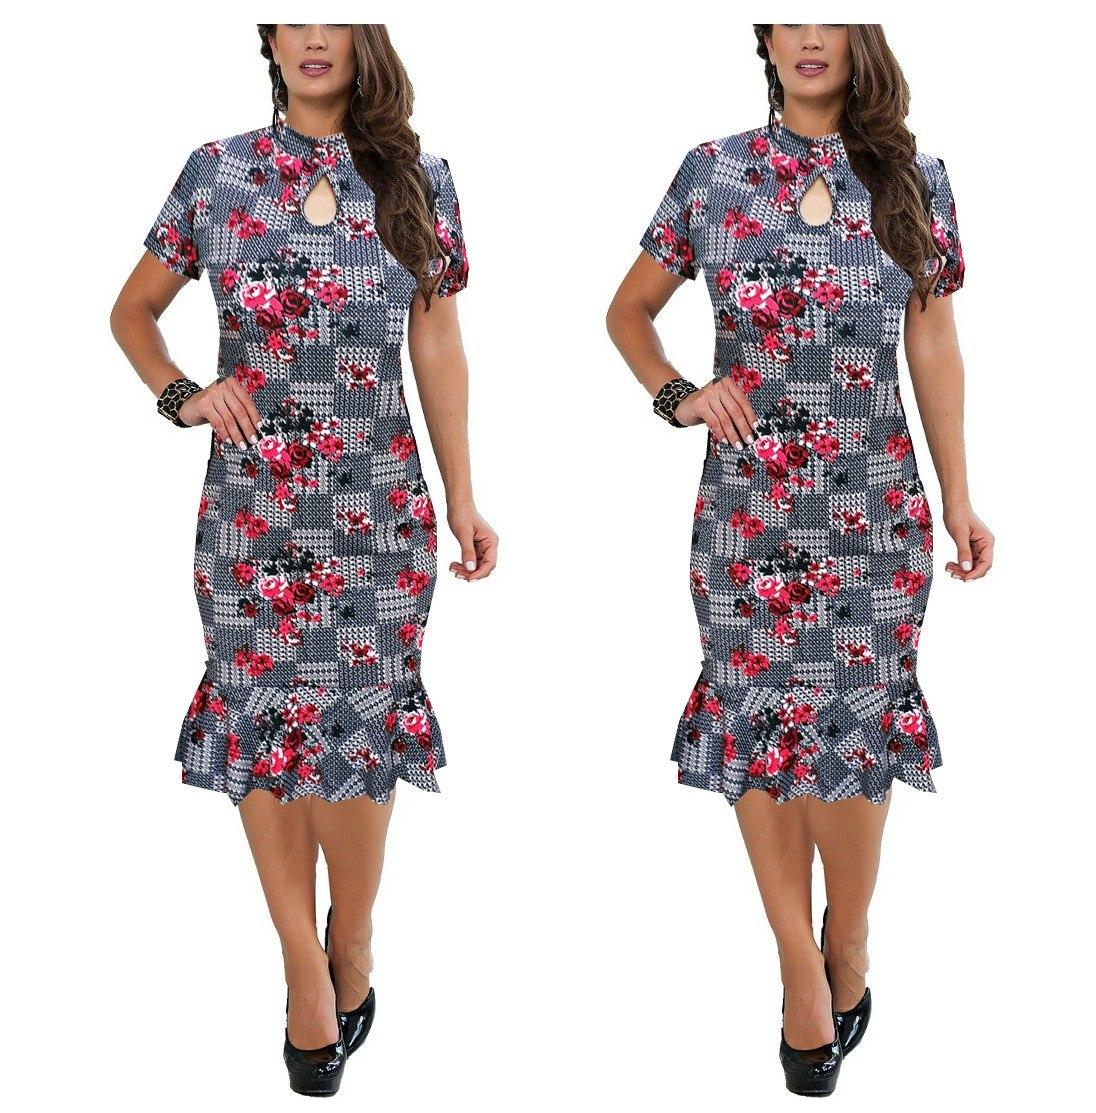 56b1d9071d vestido midi feminino gota gola alta peplum moda evangélica. Carregando  zoom.